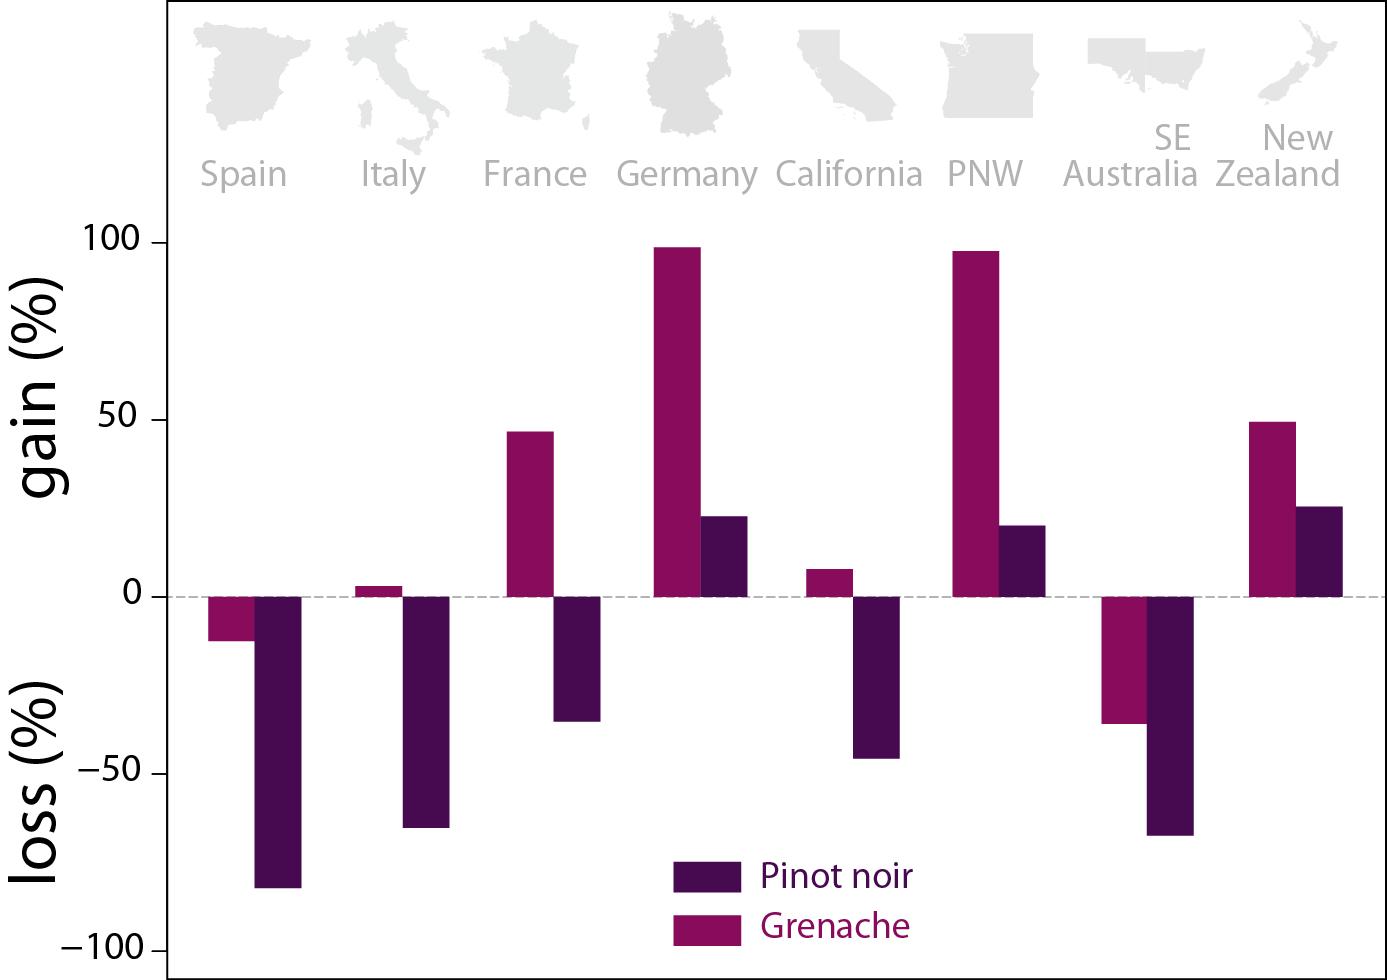 Exemple de gains et de pertes de surface viticoles dans les principaux pays producteurs de vin pour deux cépages, le Pinot noir (violet) et le Grenache (rouge), dans un scénario de réchauffement à 2°C